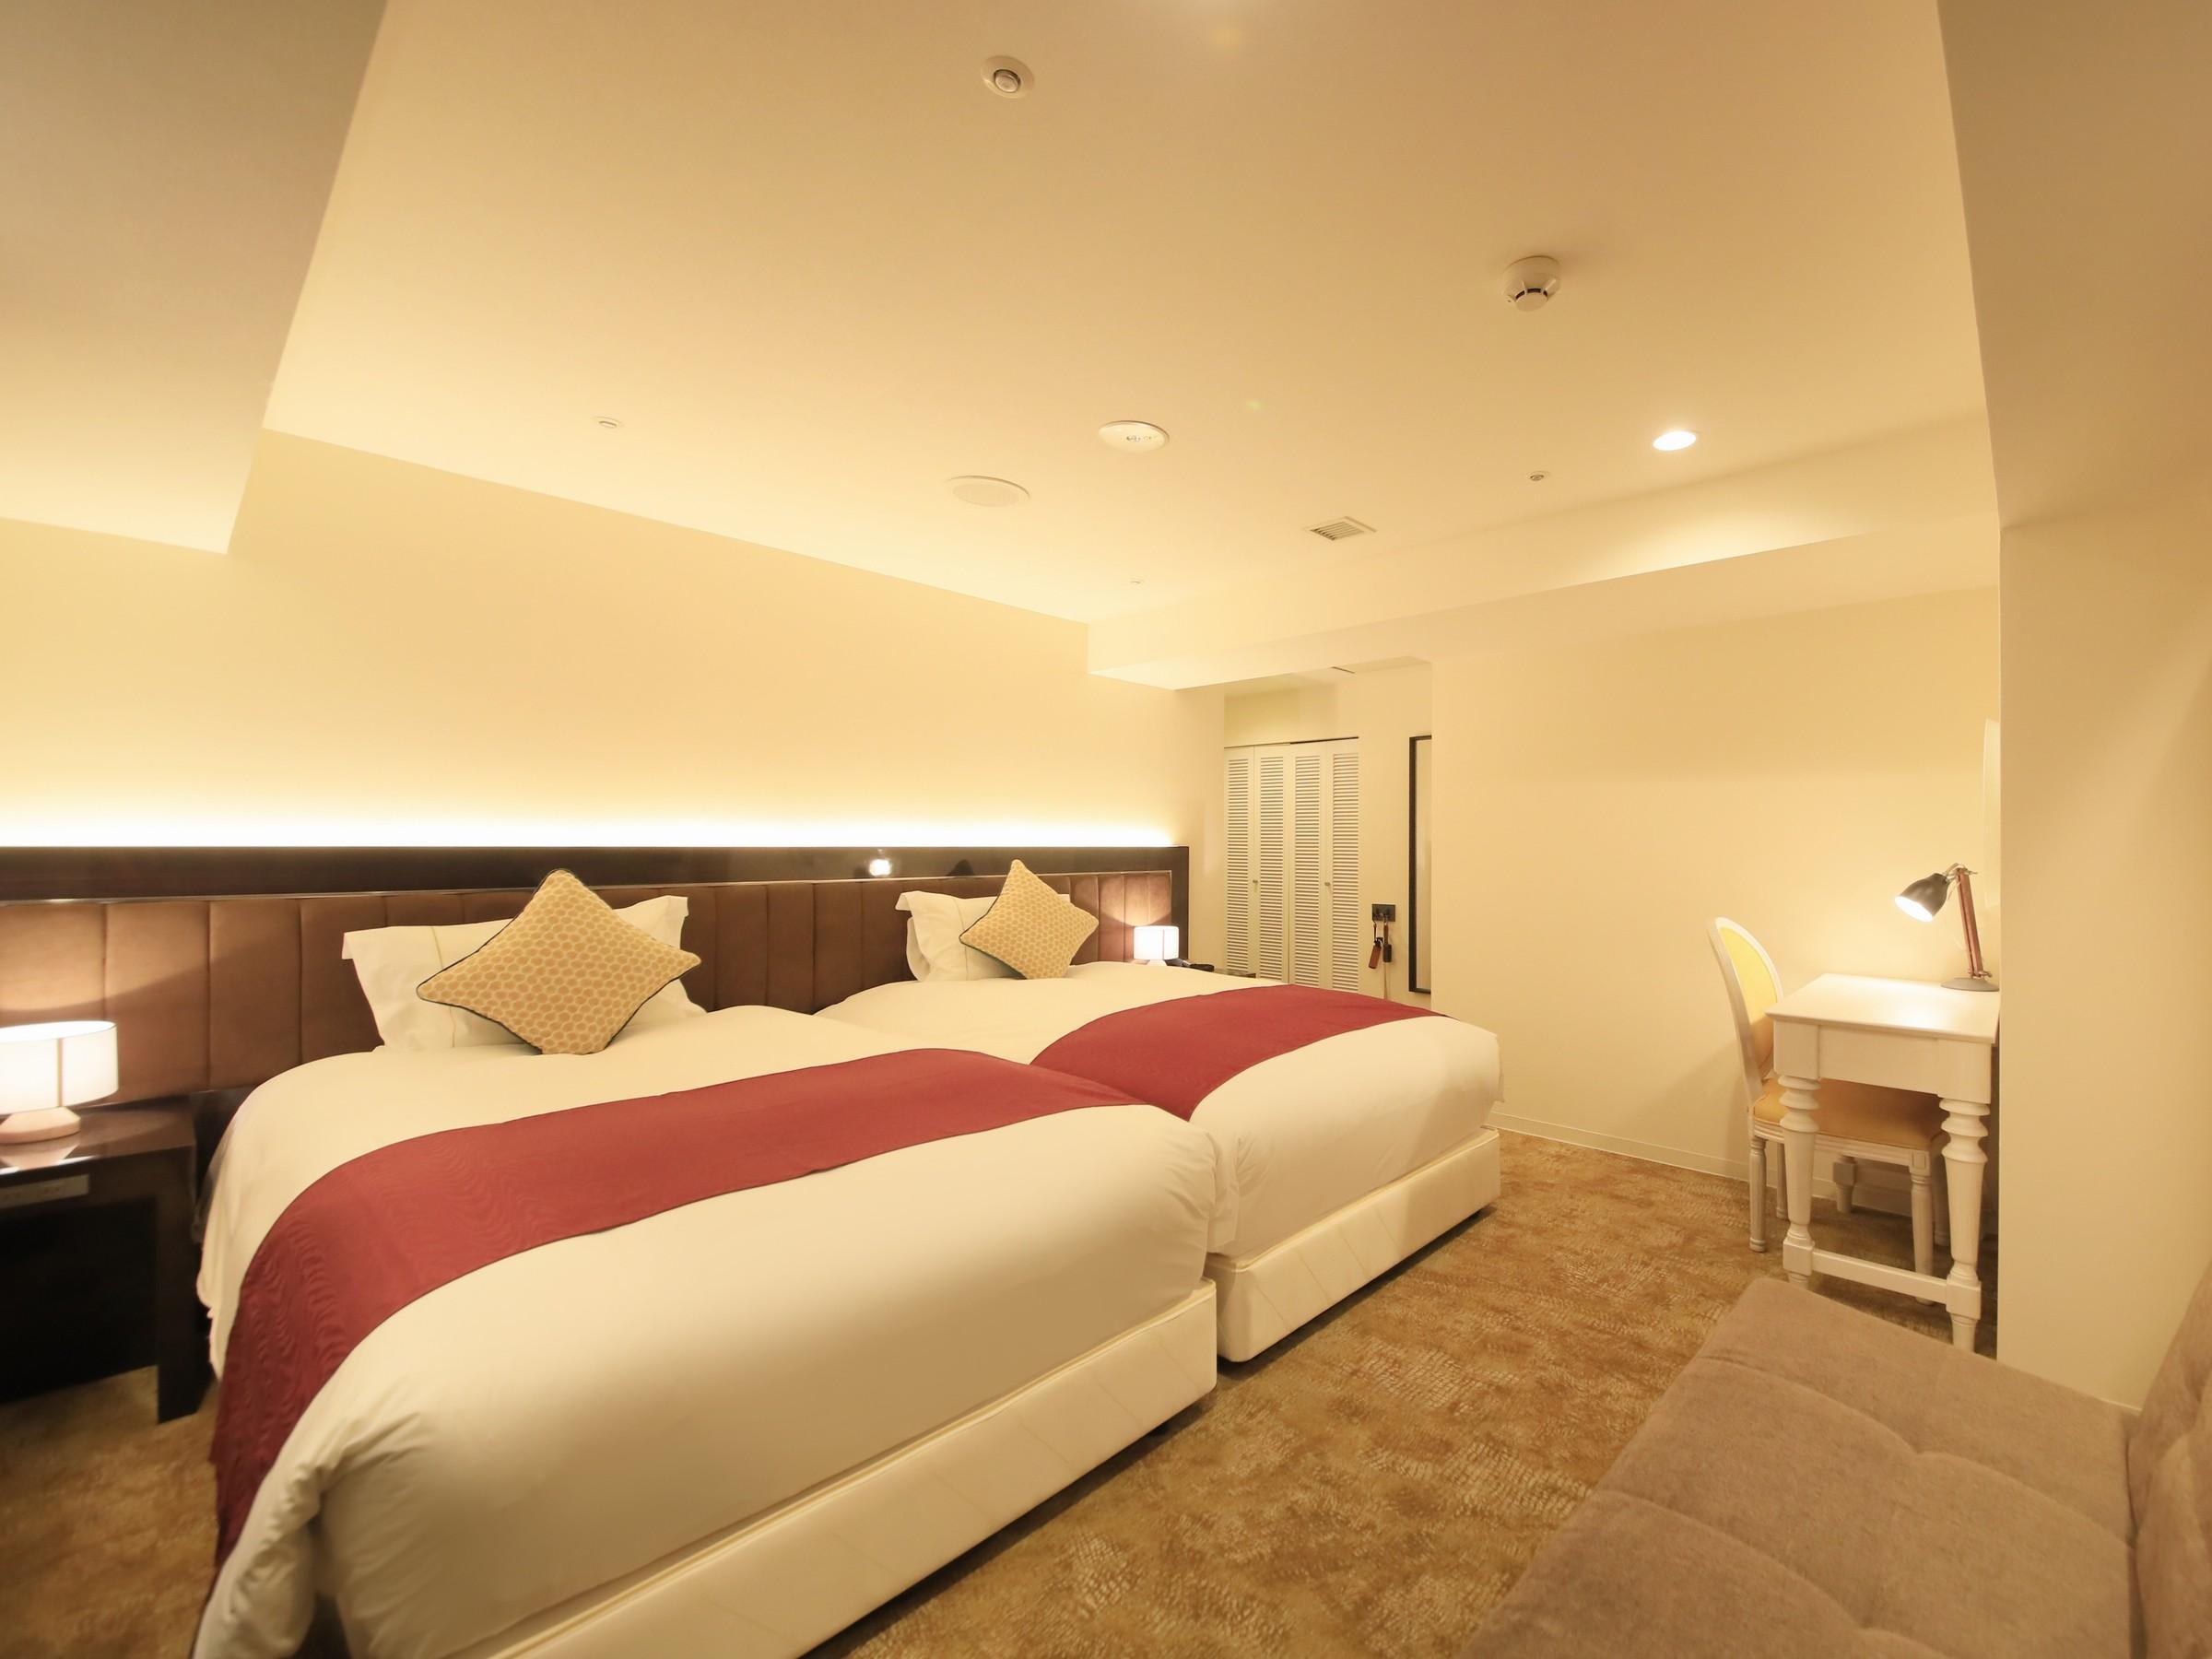 センチュリオンホテル札幌 / ◆全室禁煙◆スーペリアツイン 《1-3名様》